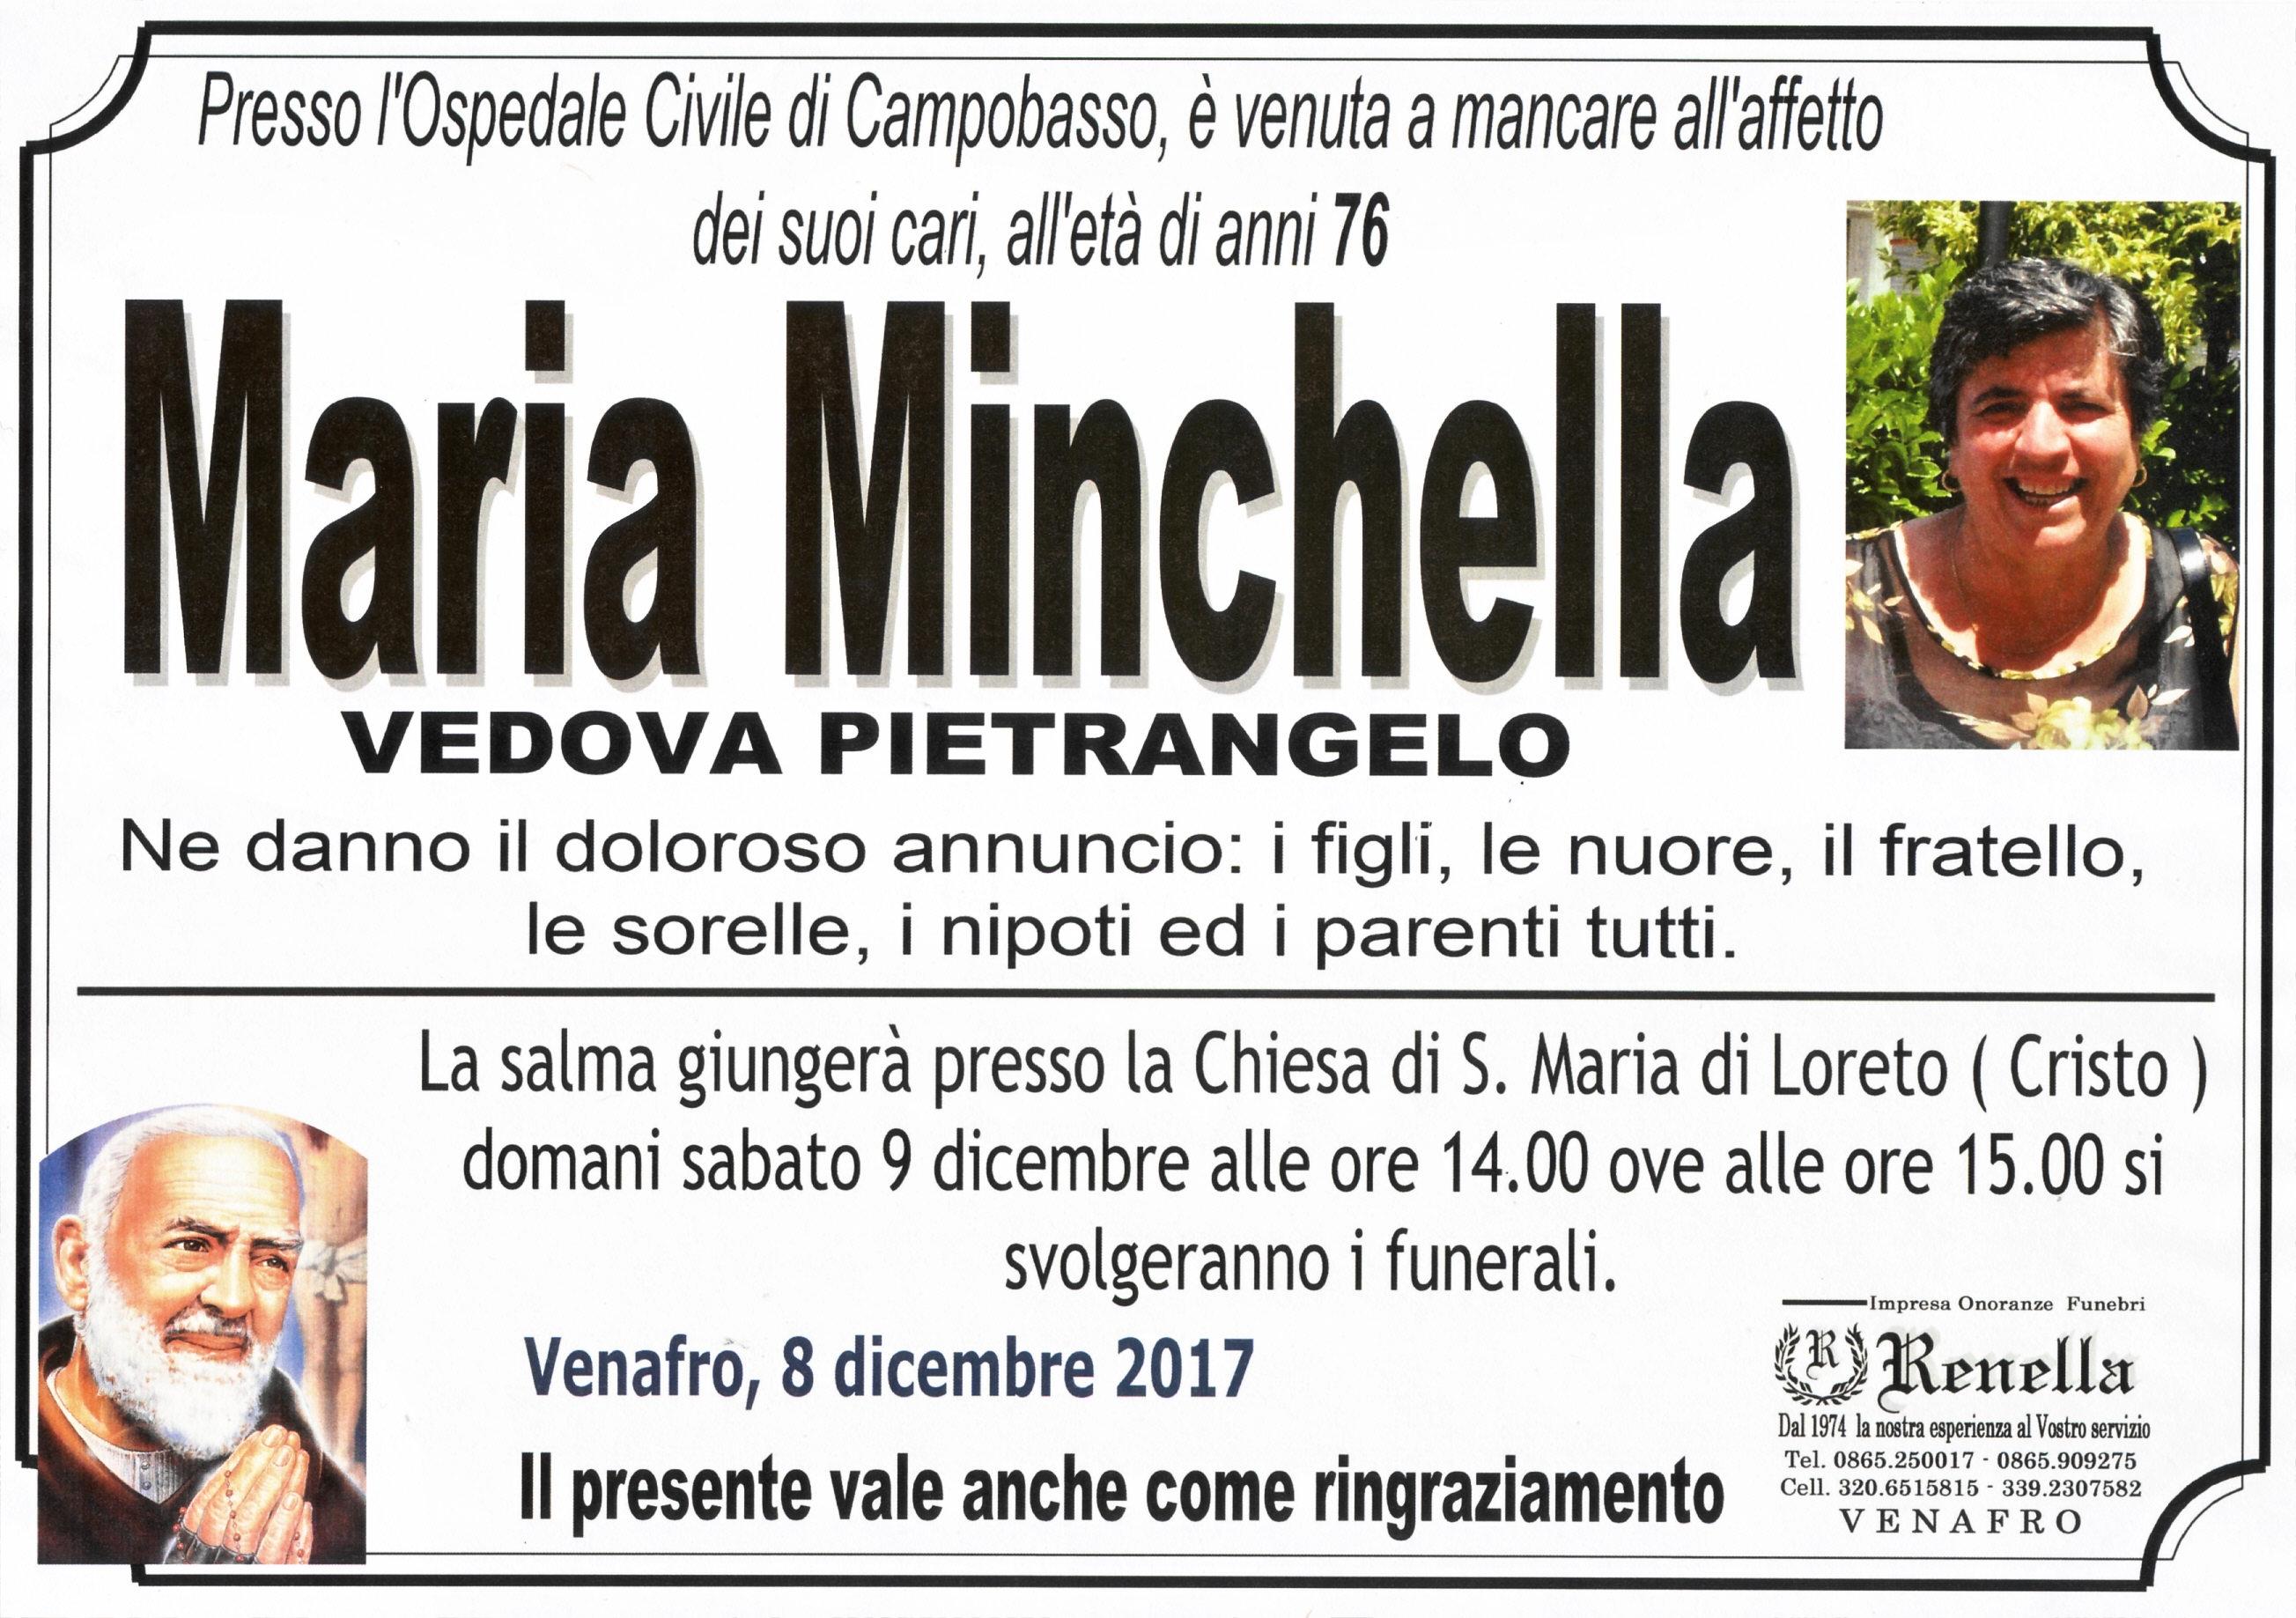 Maria Minchella, 8/12/2017, Venafro – Onoranze Funebri Renella